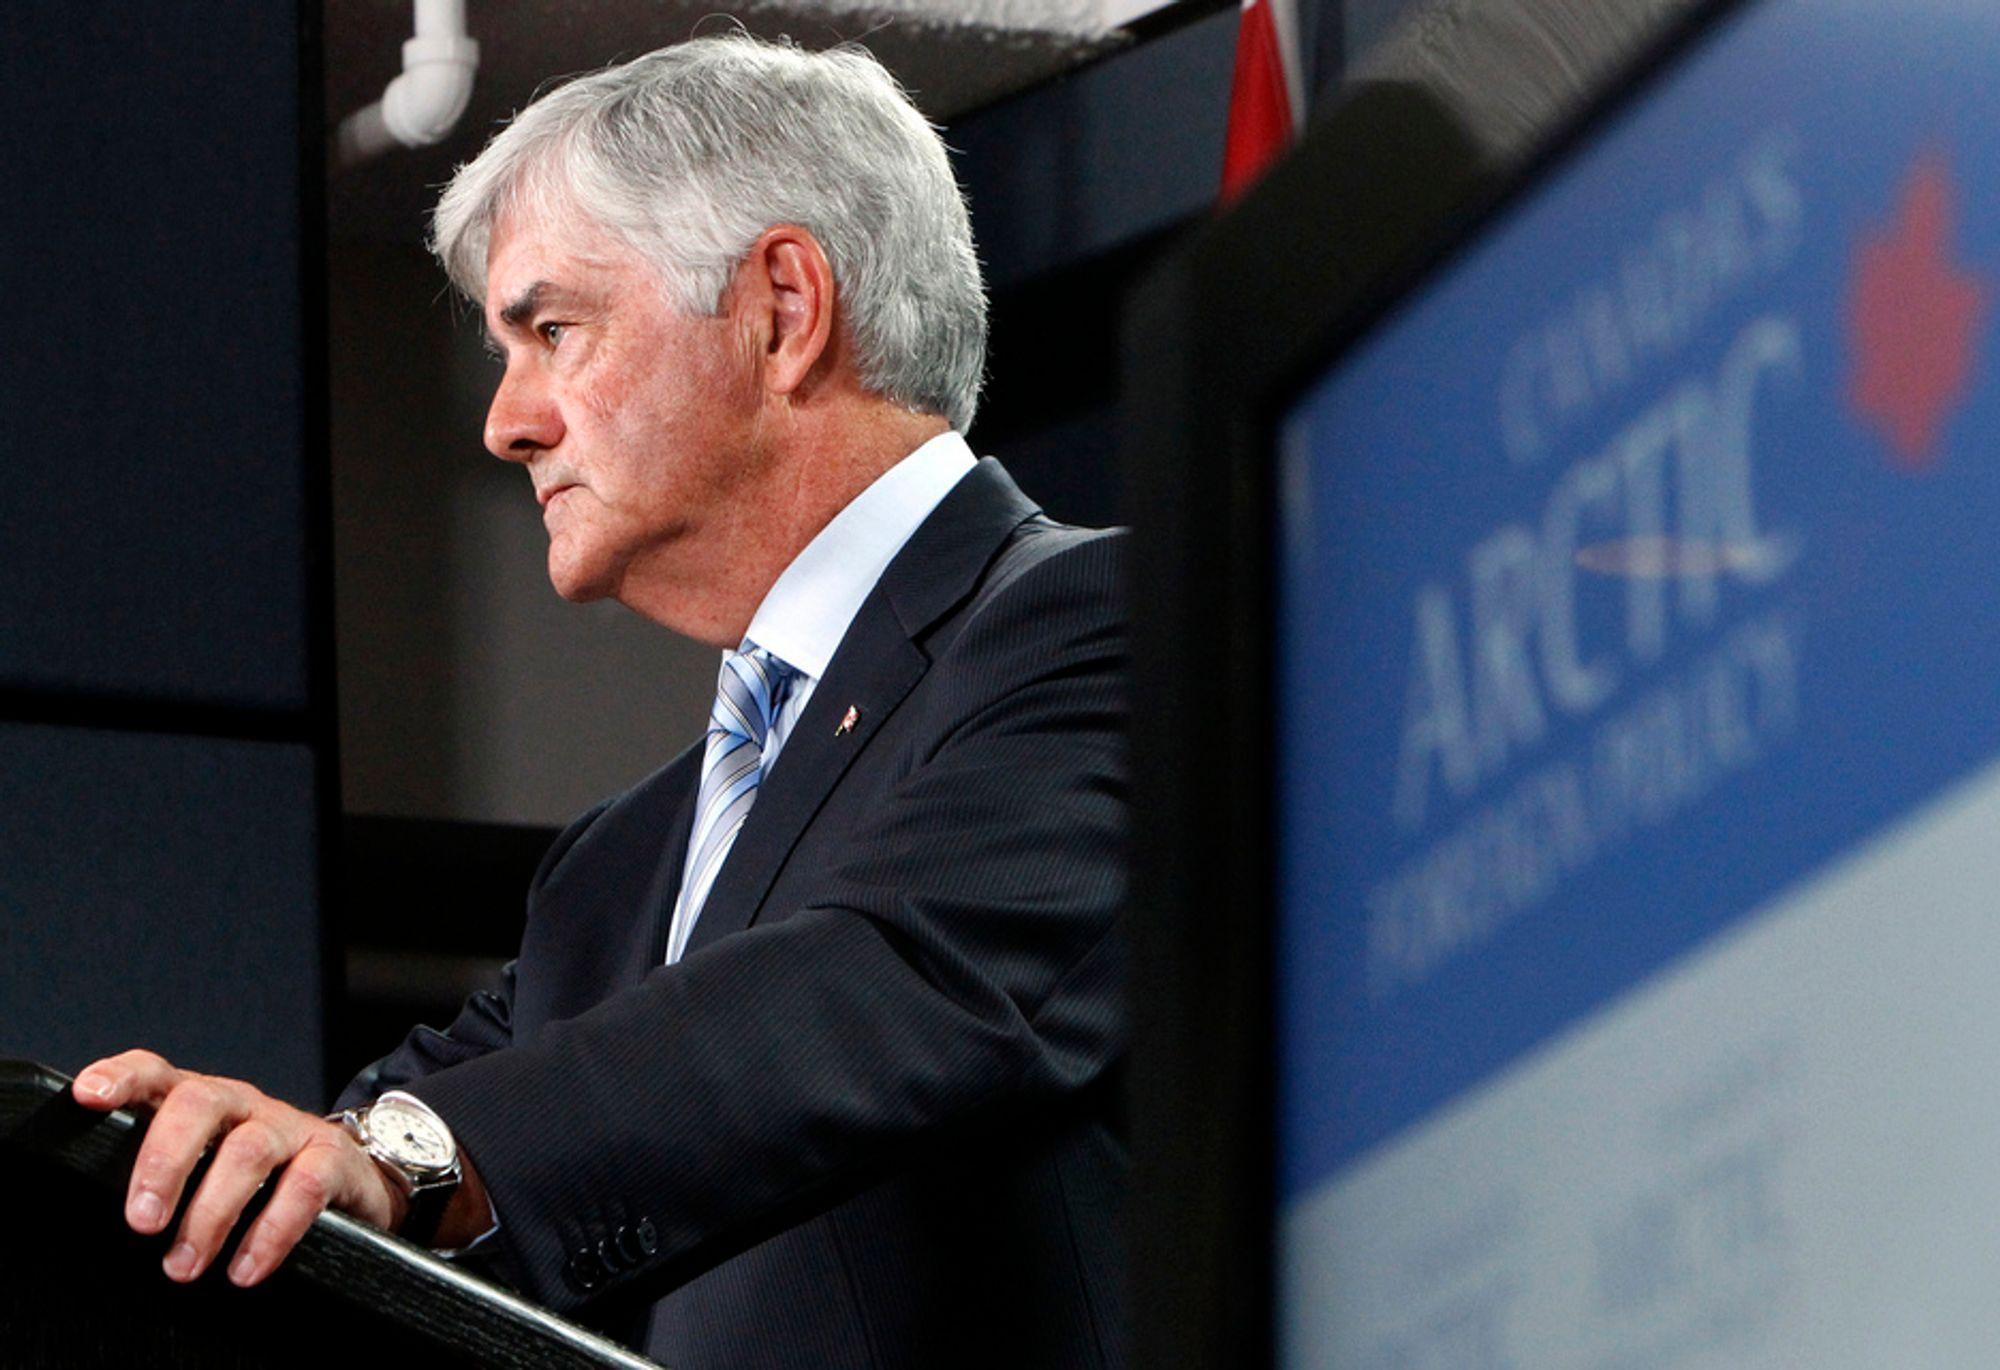 STABILITET: Canadas utenriksminister Lawrence Cannon ble briefet om avtalen om delelinjen i Barentshavet av Jonas Gahr Støre, og gratulerer Norge med en avtale som vil bringe stabilitet til området.